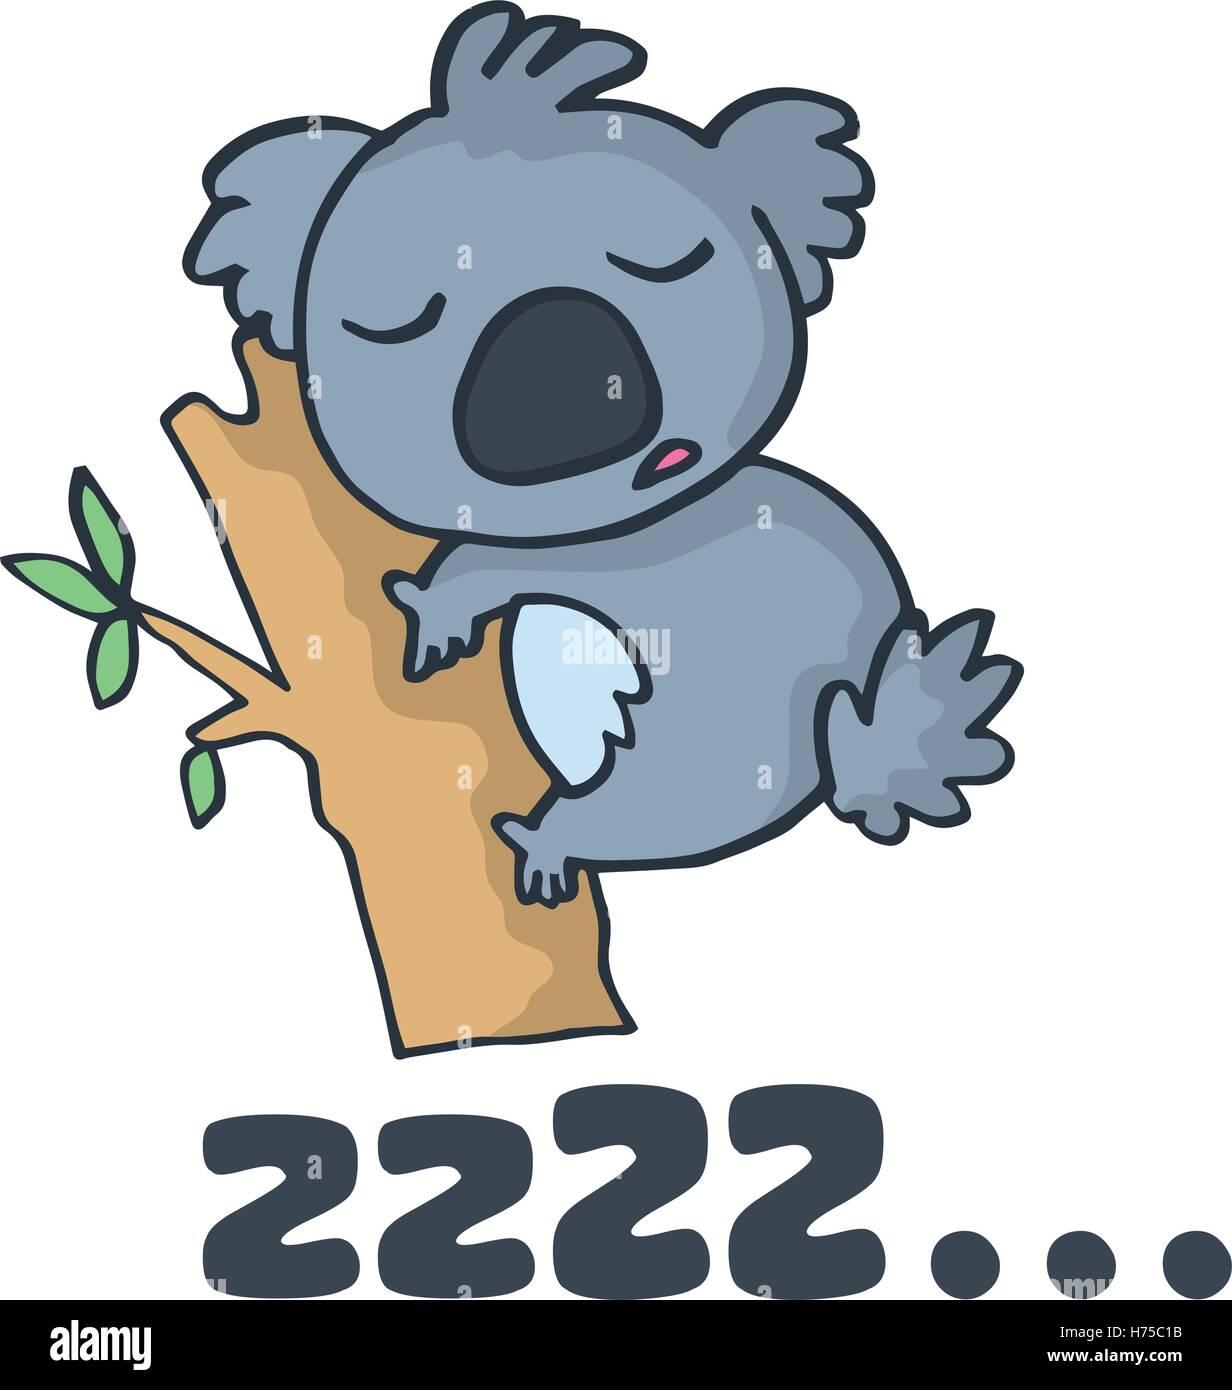 Koala Vector Vectors Imágenes De Stock & Koala Vector Vectors Fotos ...